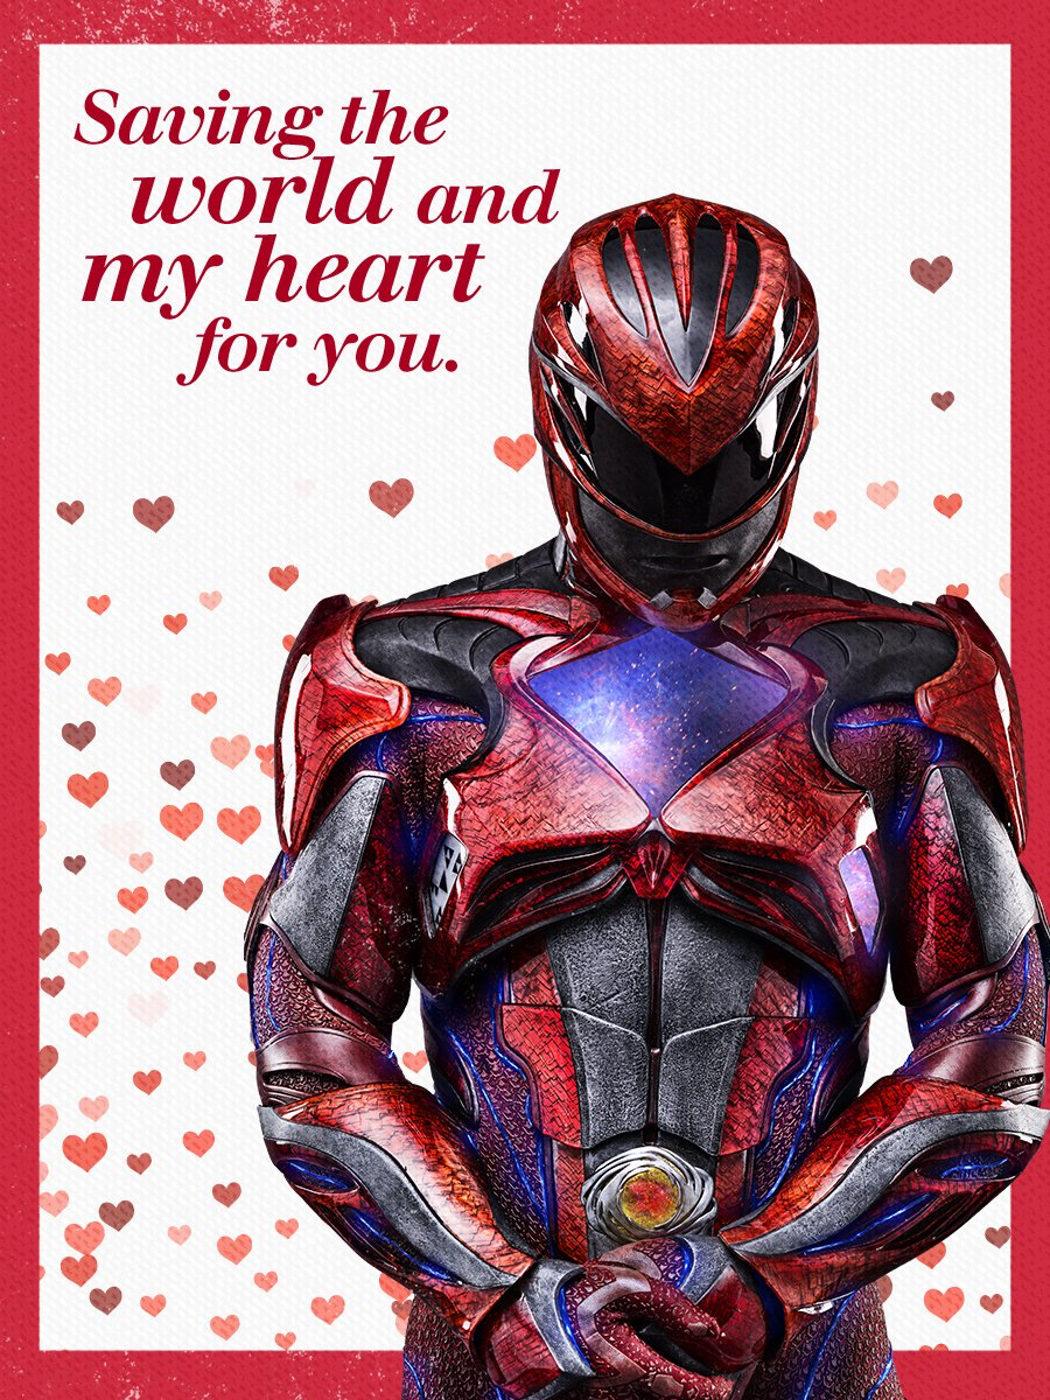 Ranger rojo te ofrece su corazón